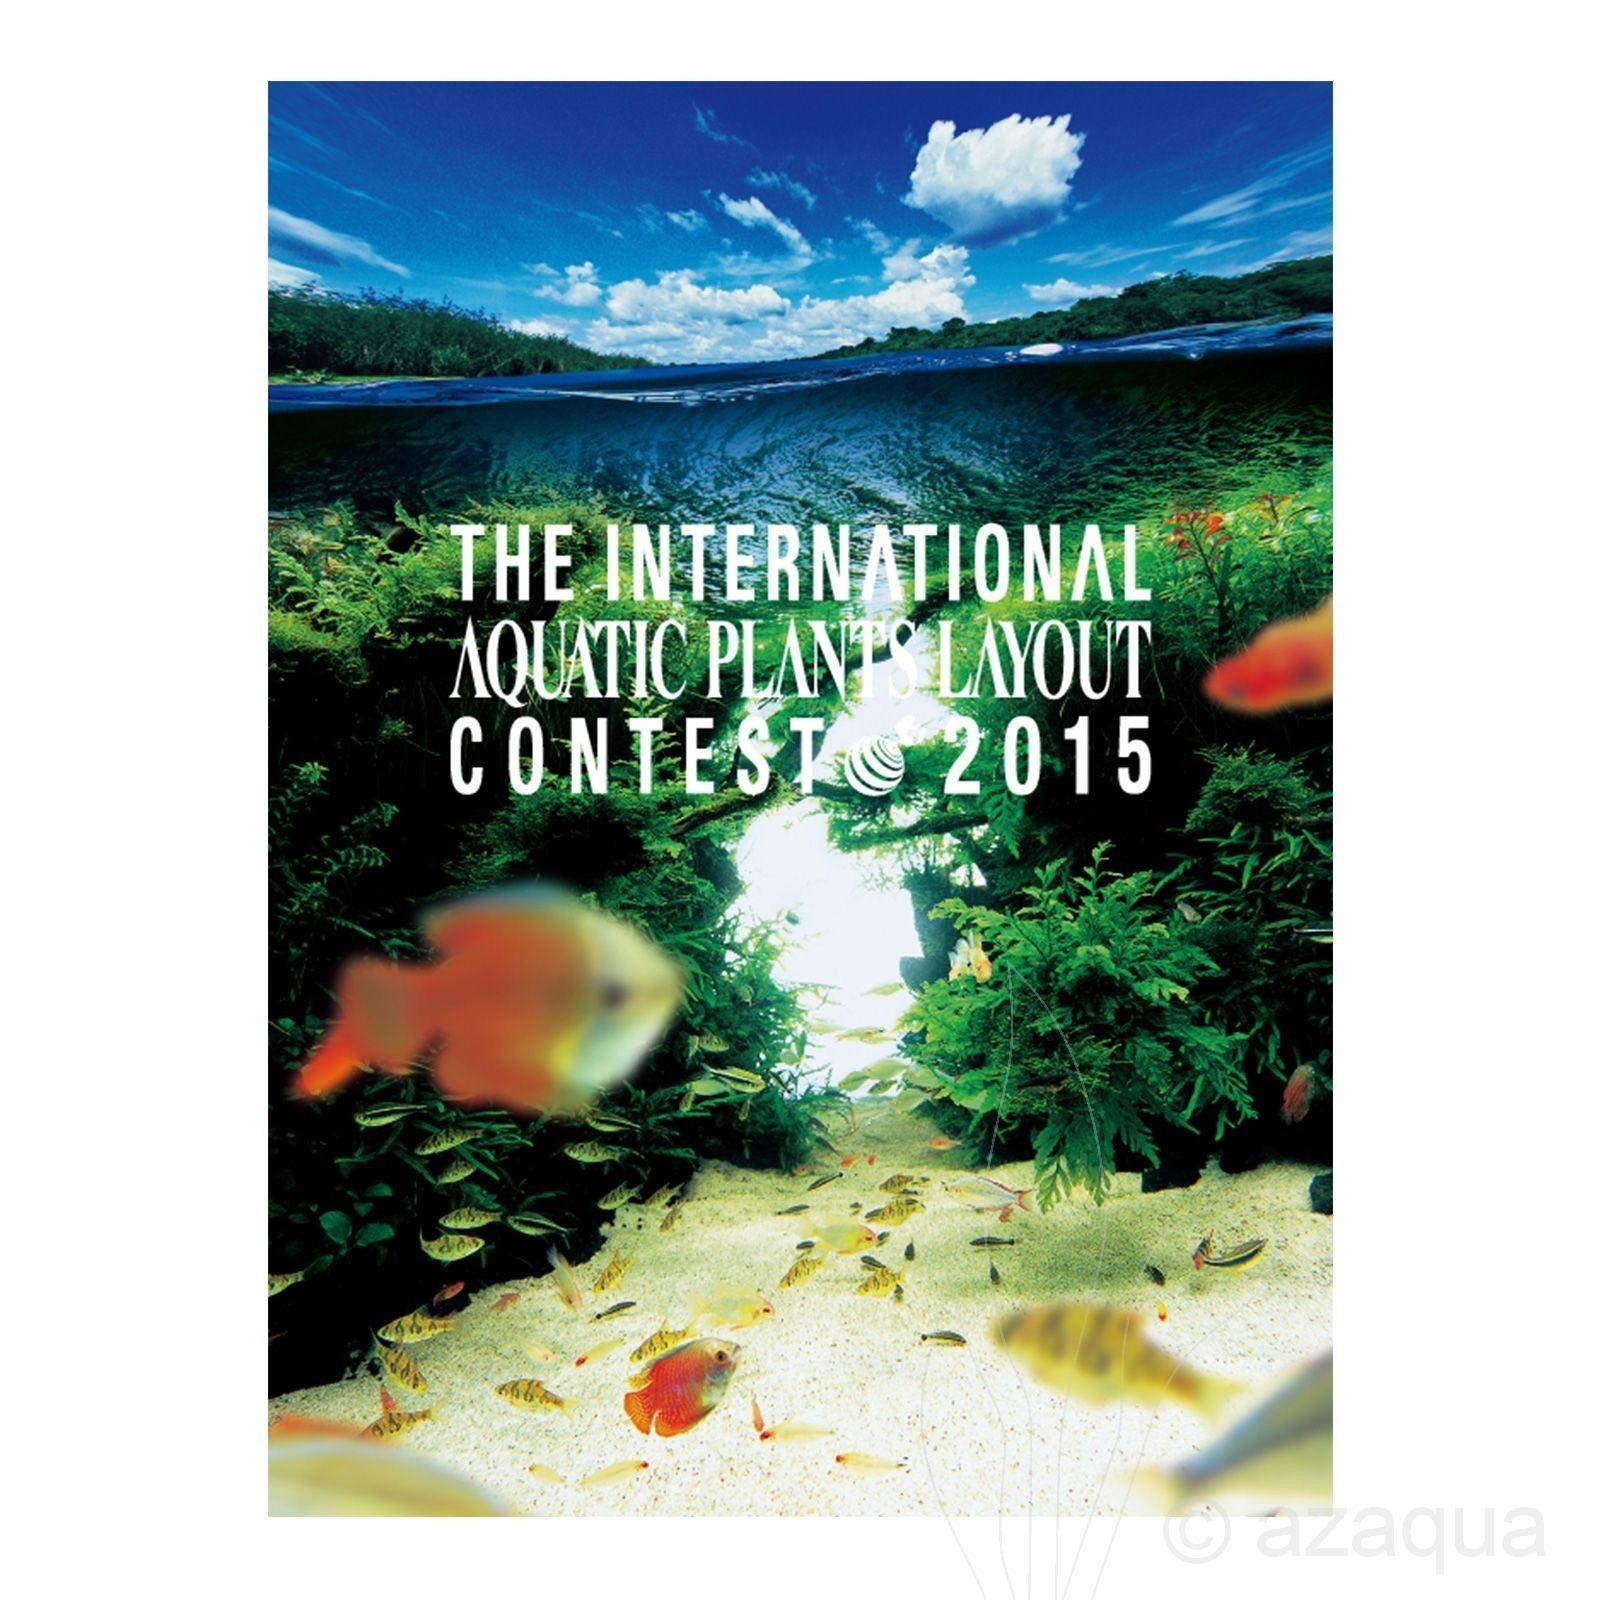 IAPLC Contest Book 2015